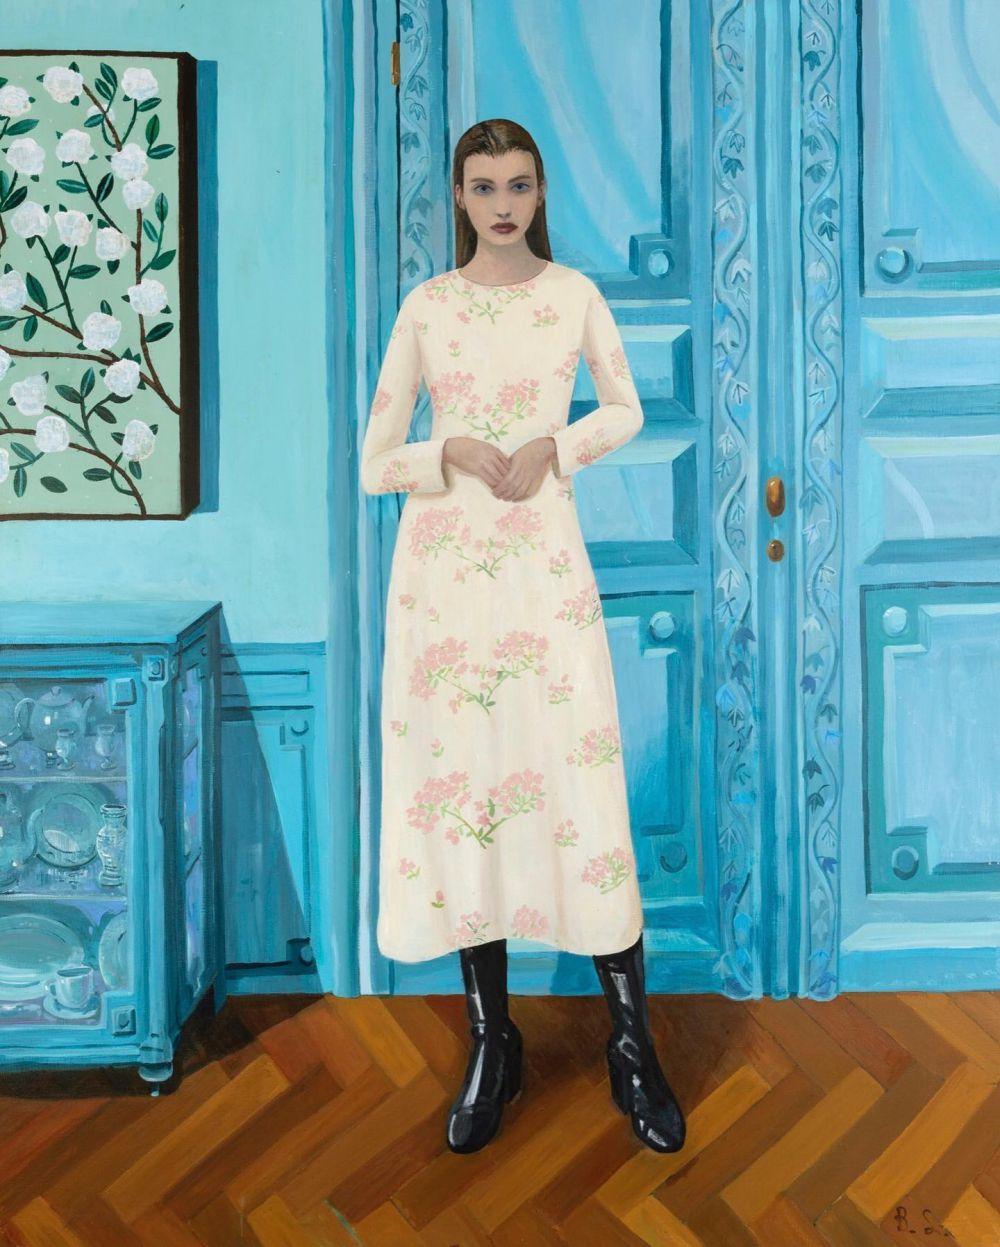 'Girl in the Blue Room' Ben Sledsens, 2020 @bensledsens 💙